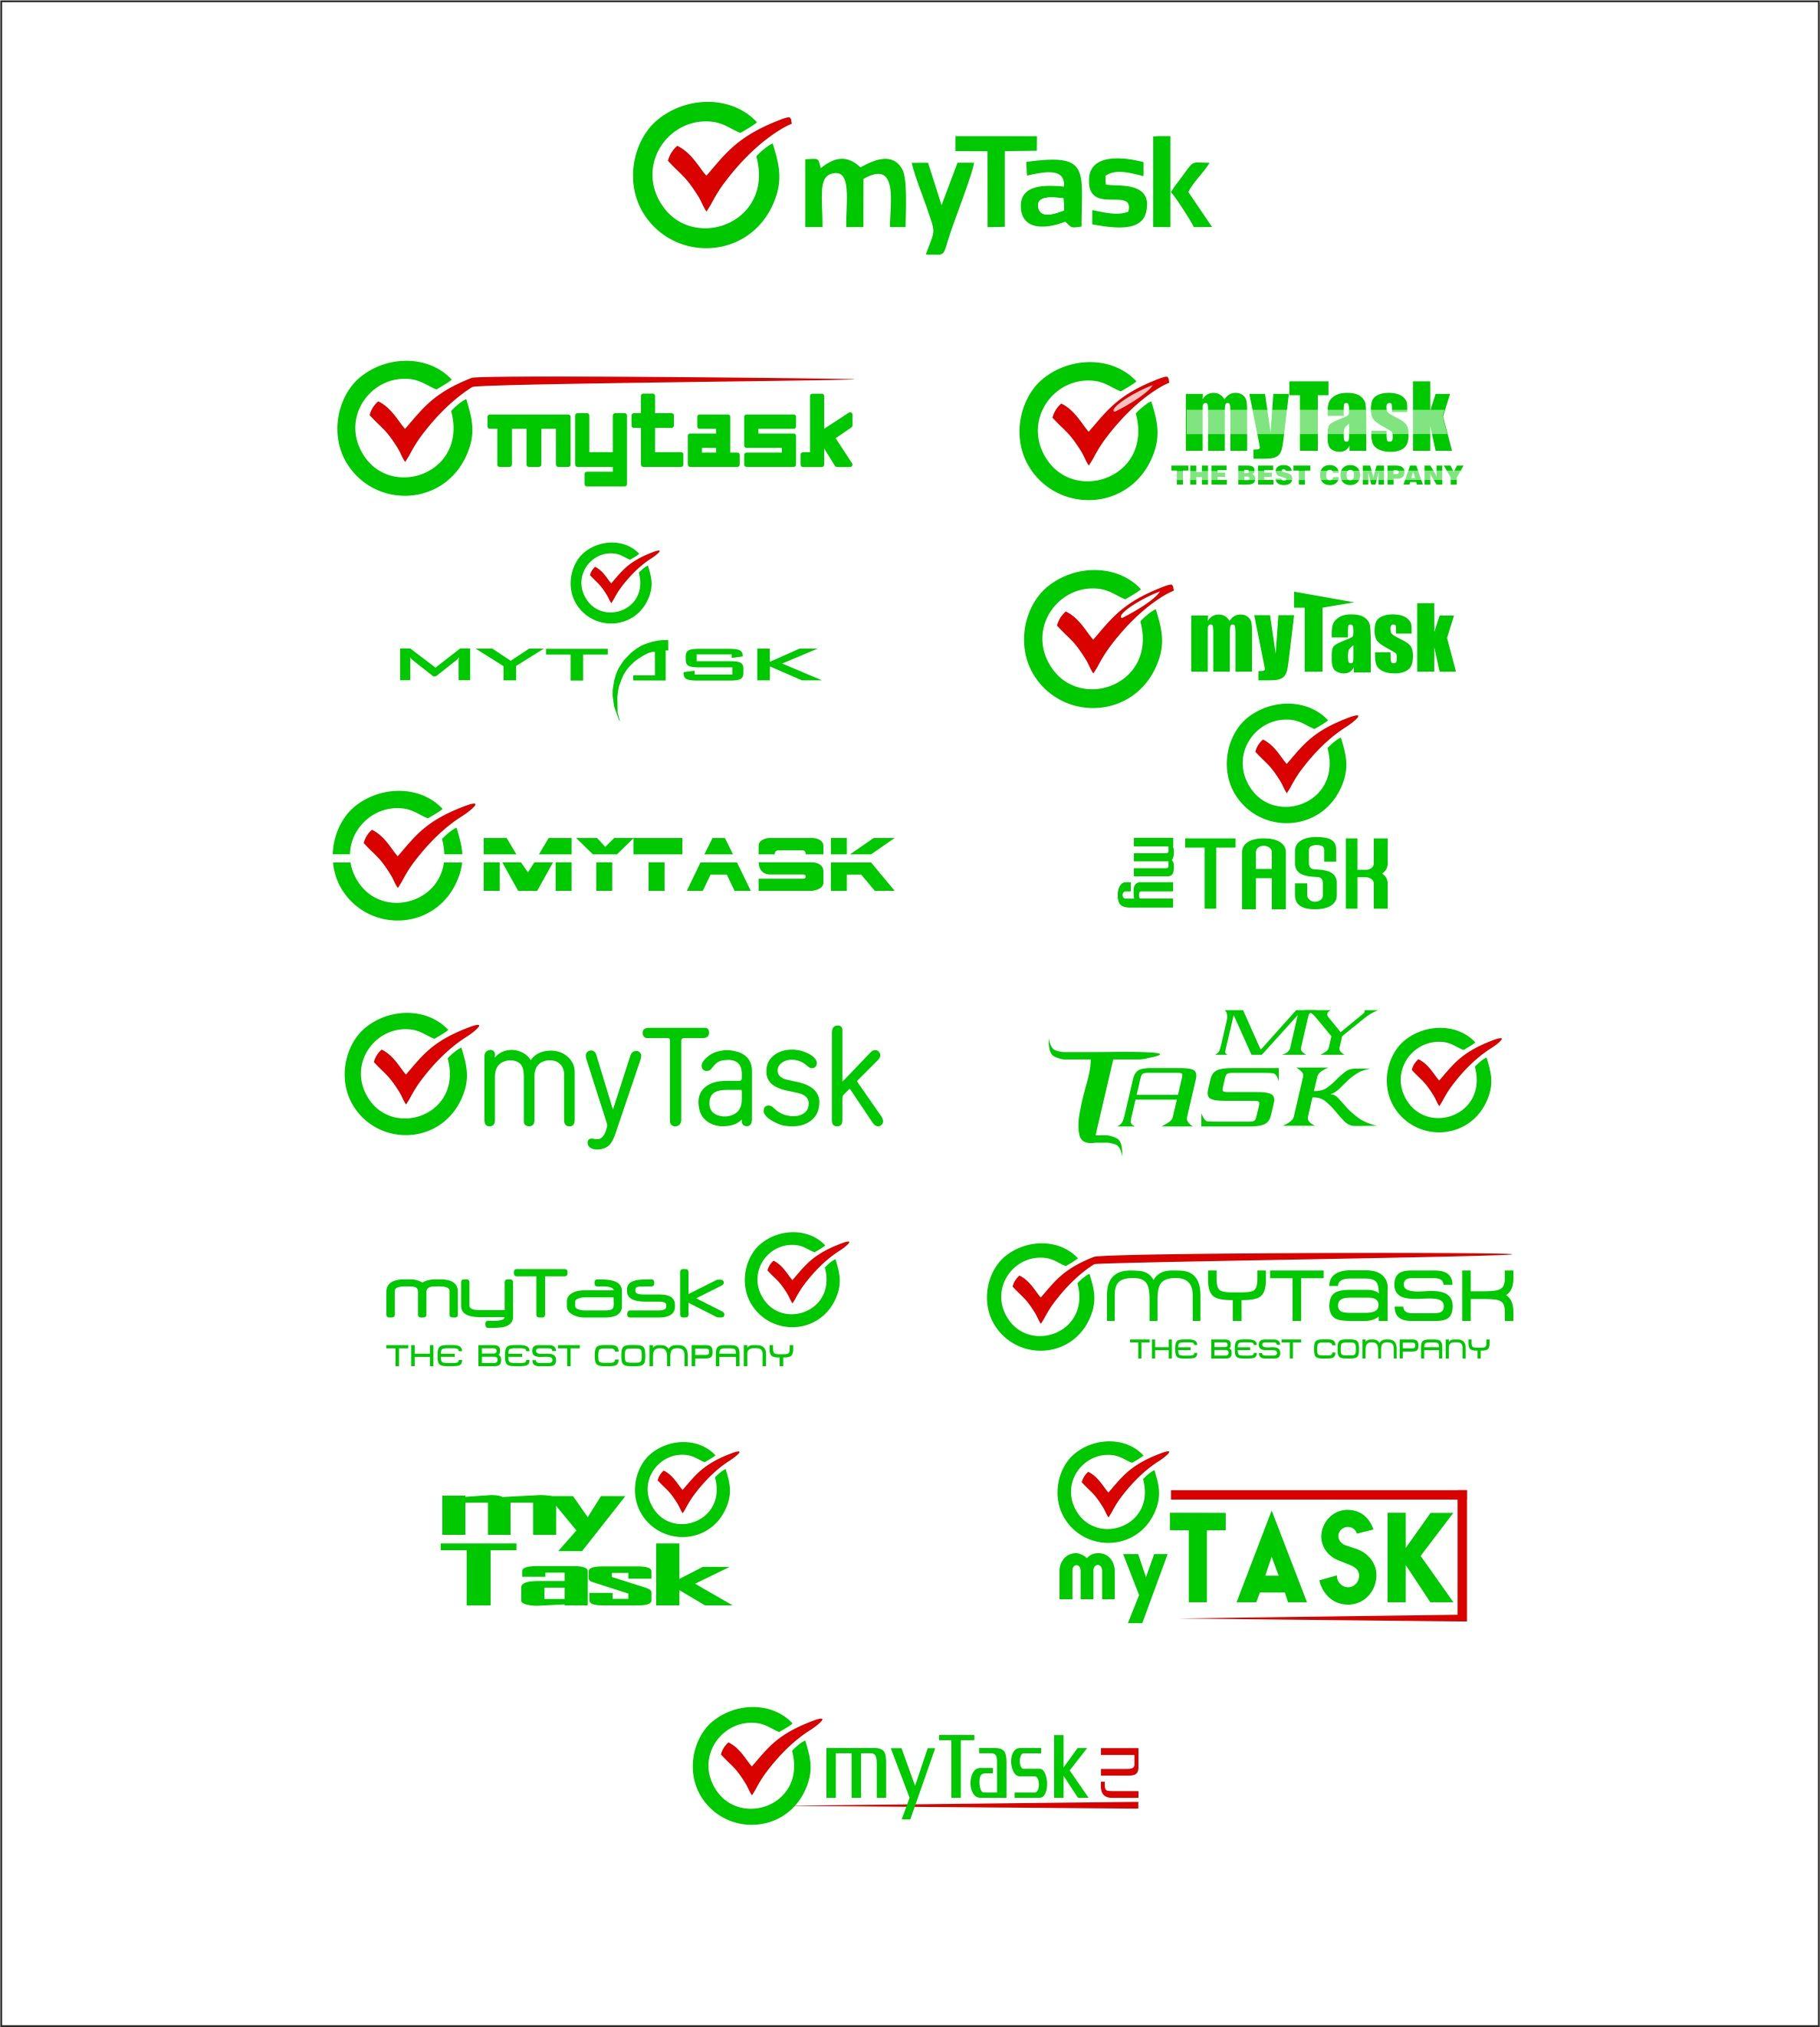 Доработка логотипа компании myTask - дизайнер vir_bat